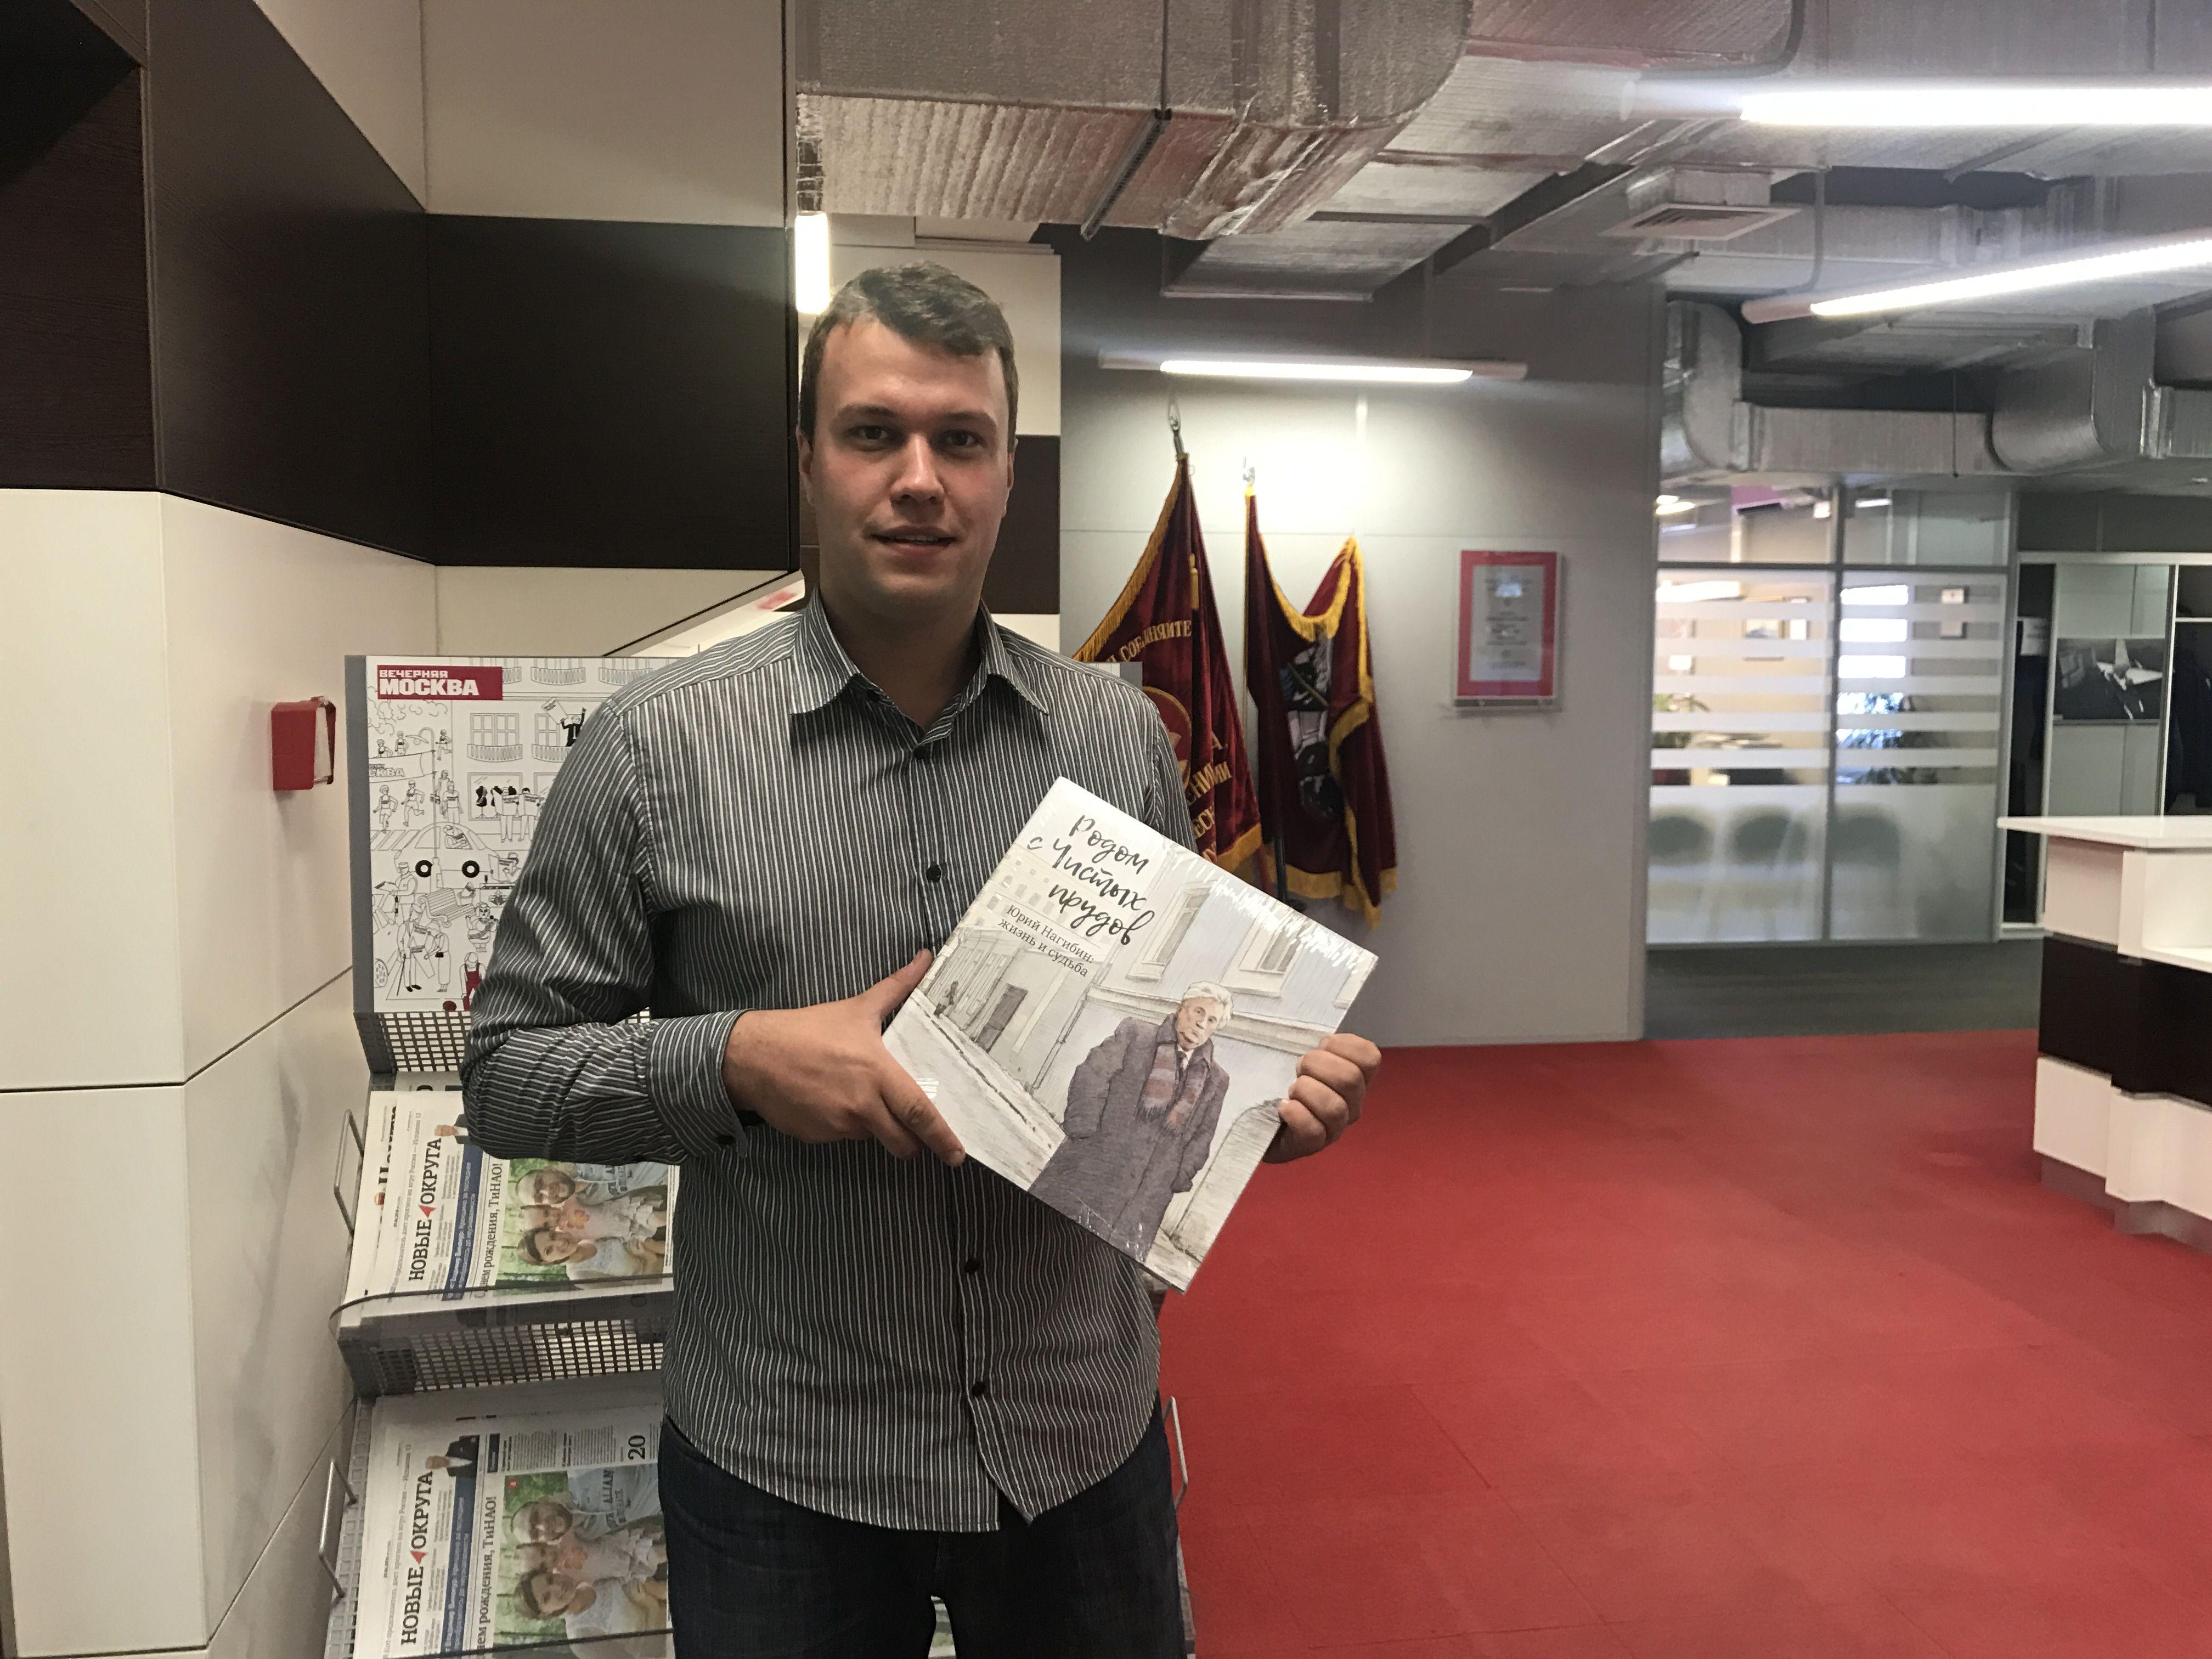 Редакция сайта газеты «Новые округа» вручила приз победителю пятого этапа фотоконкурса